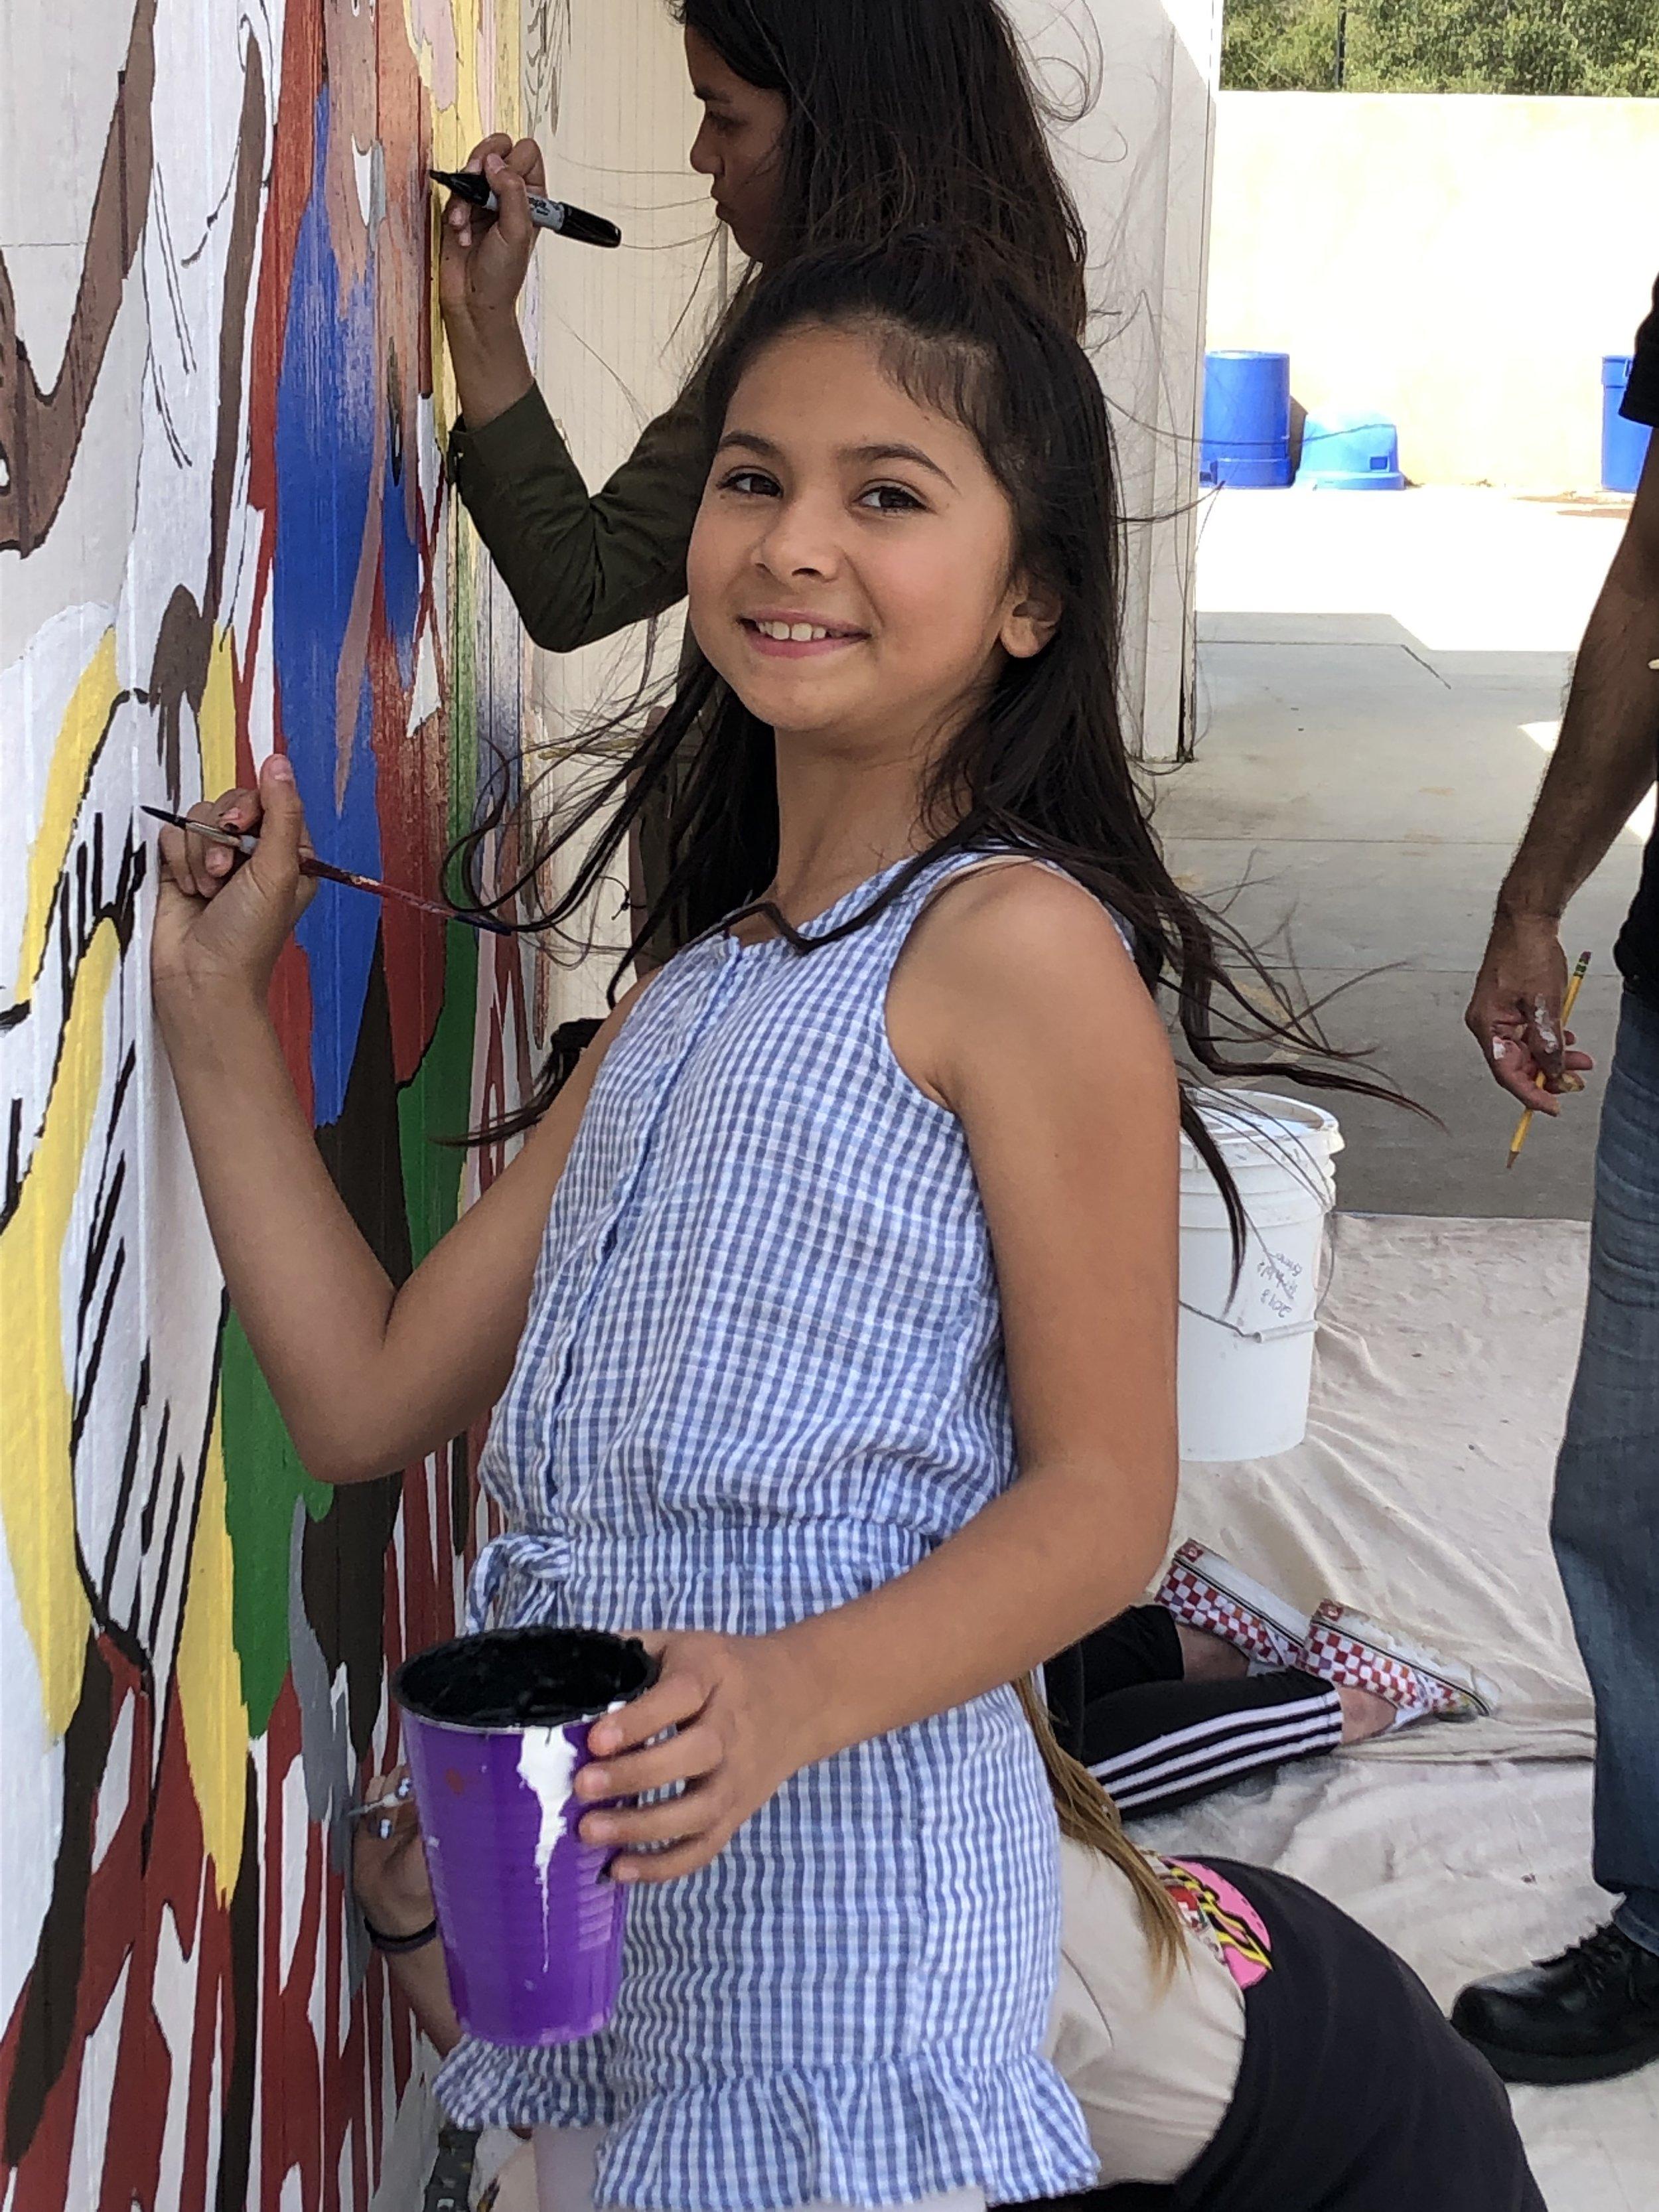 mural-11.JPG